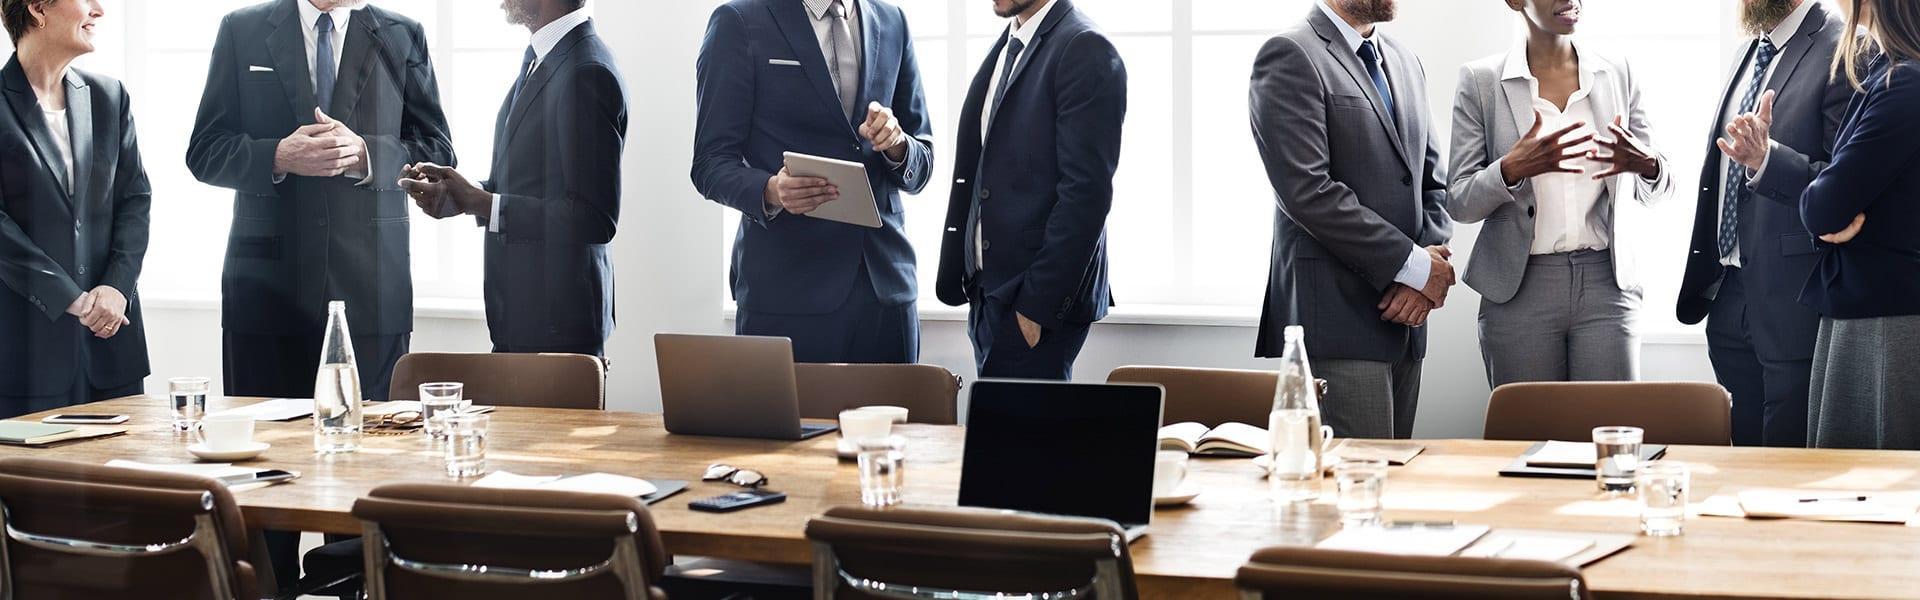 despacho abogados madrid asesoramiento empresas